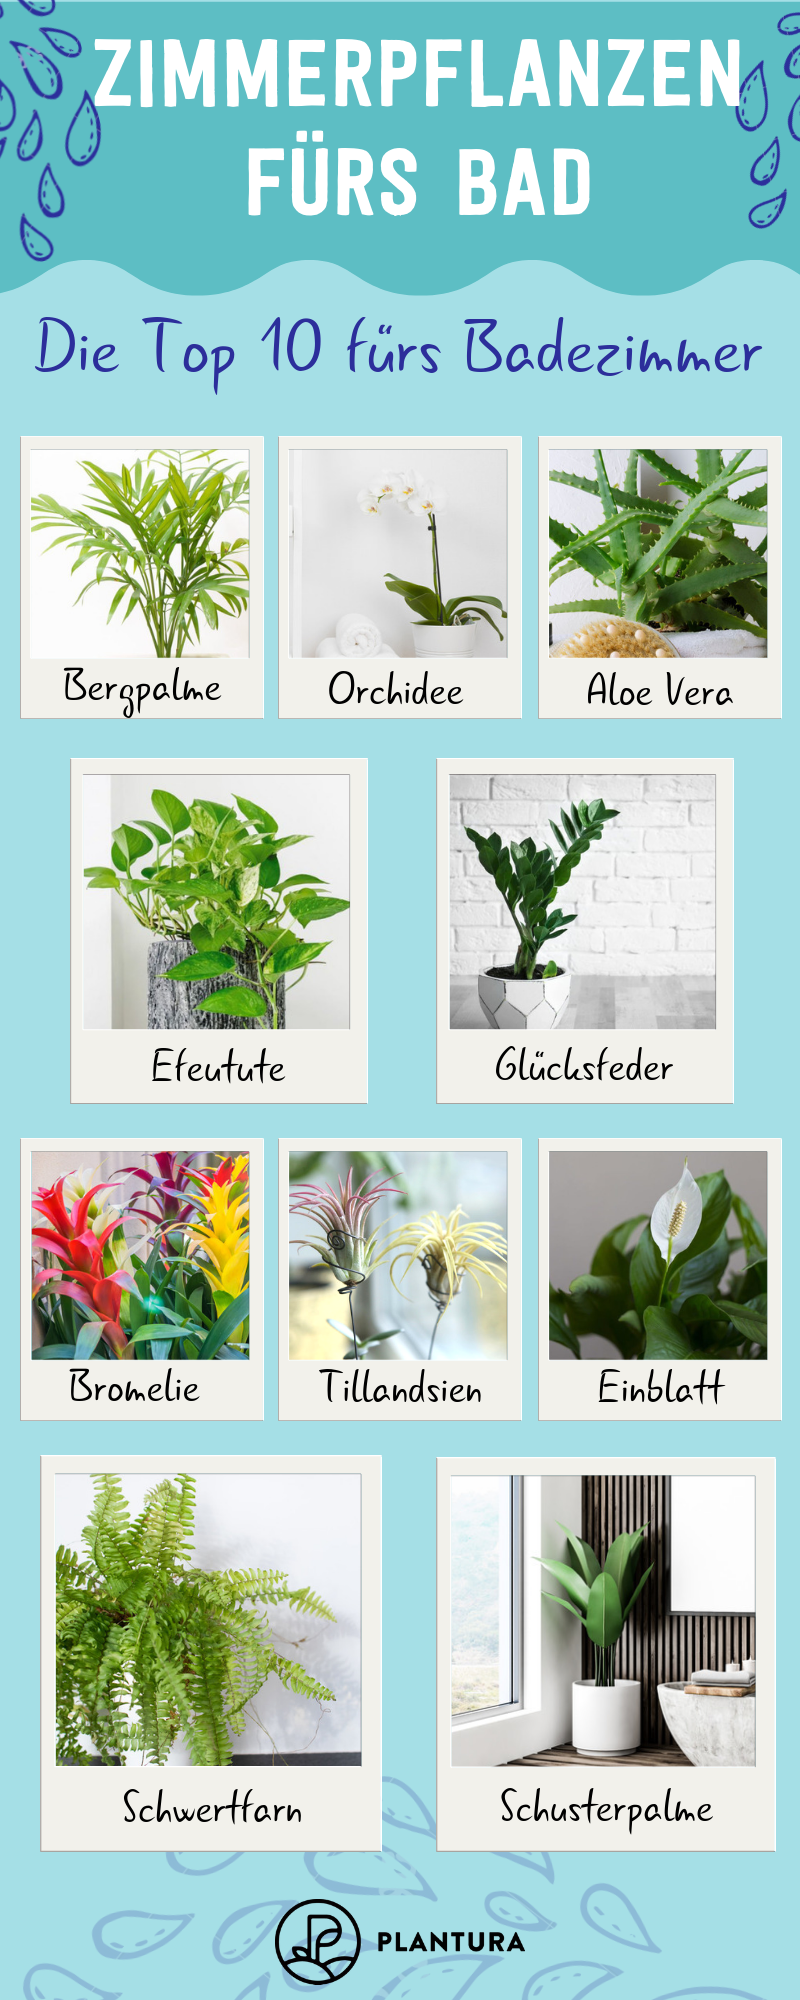 Pflanzen Furs Bad 10 Arten Fur Die Wellnessoase Plantura Pflanzen Furs Bad Zimmerpflanzen Pflanzen